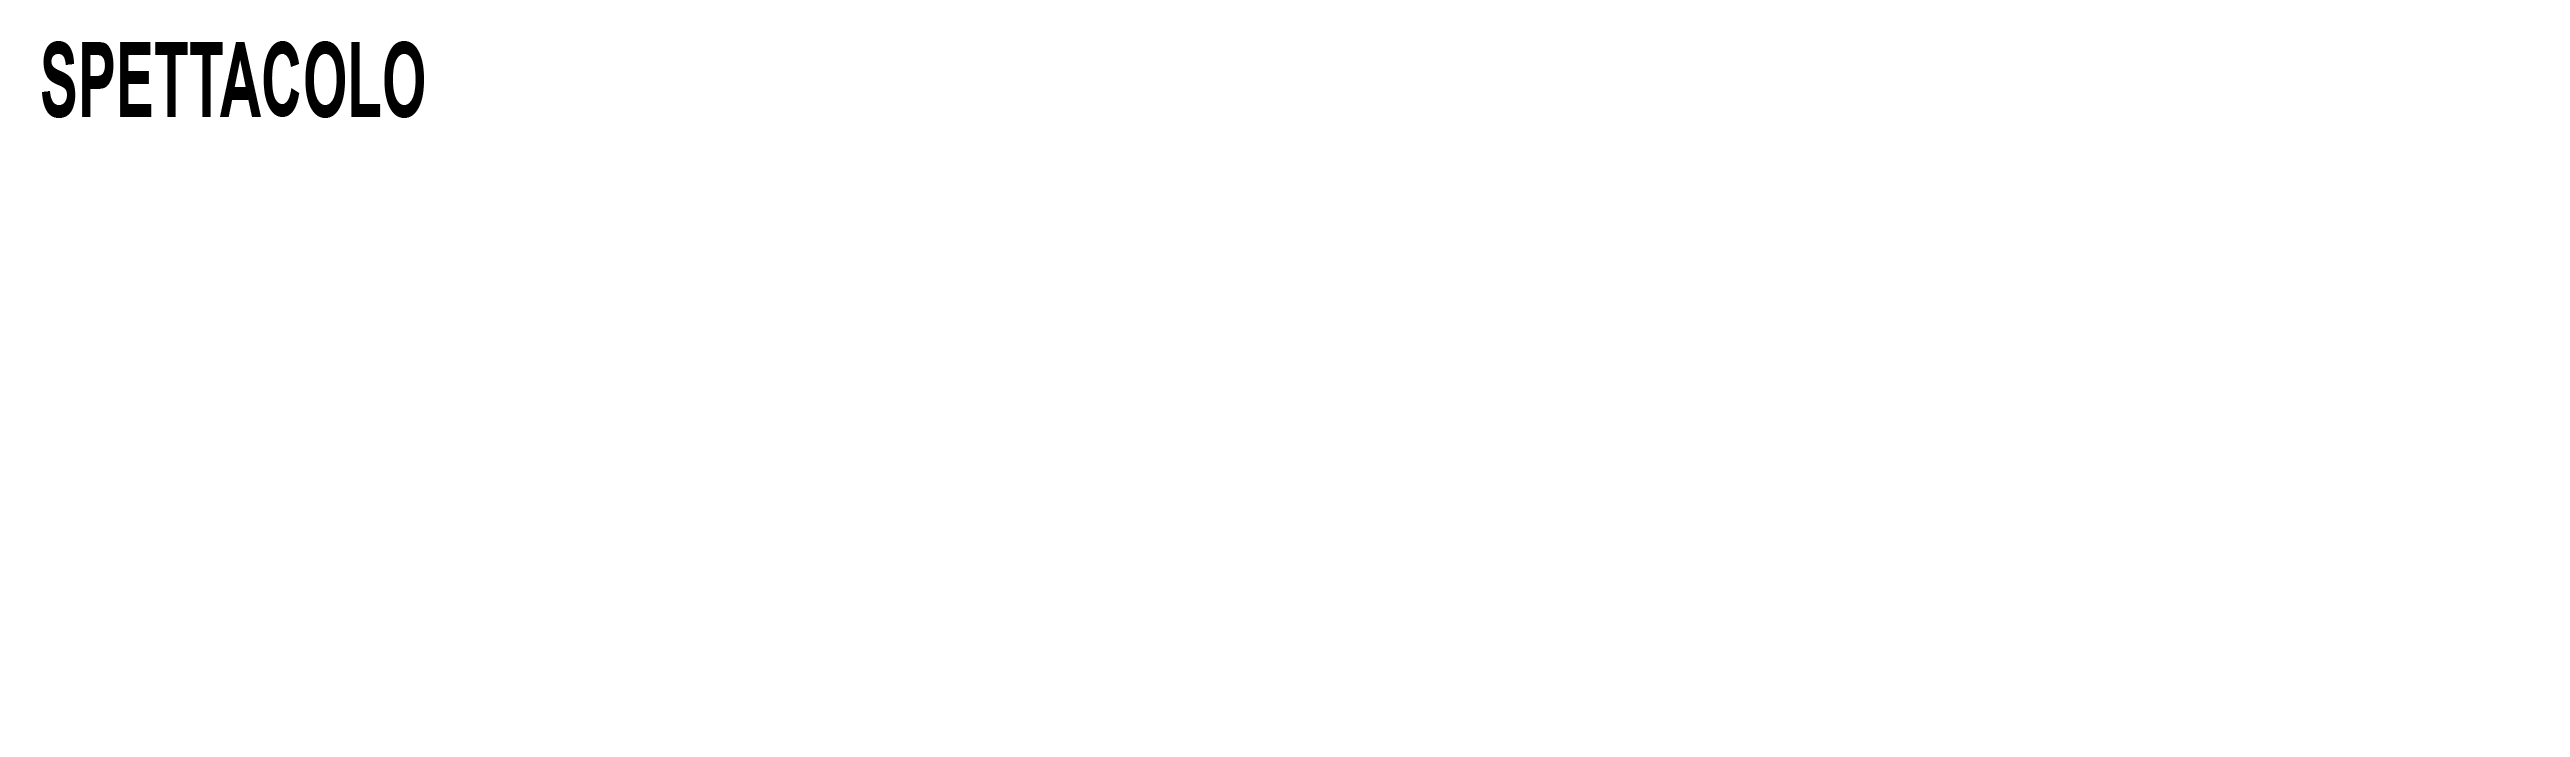 003 Spettacolo